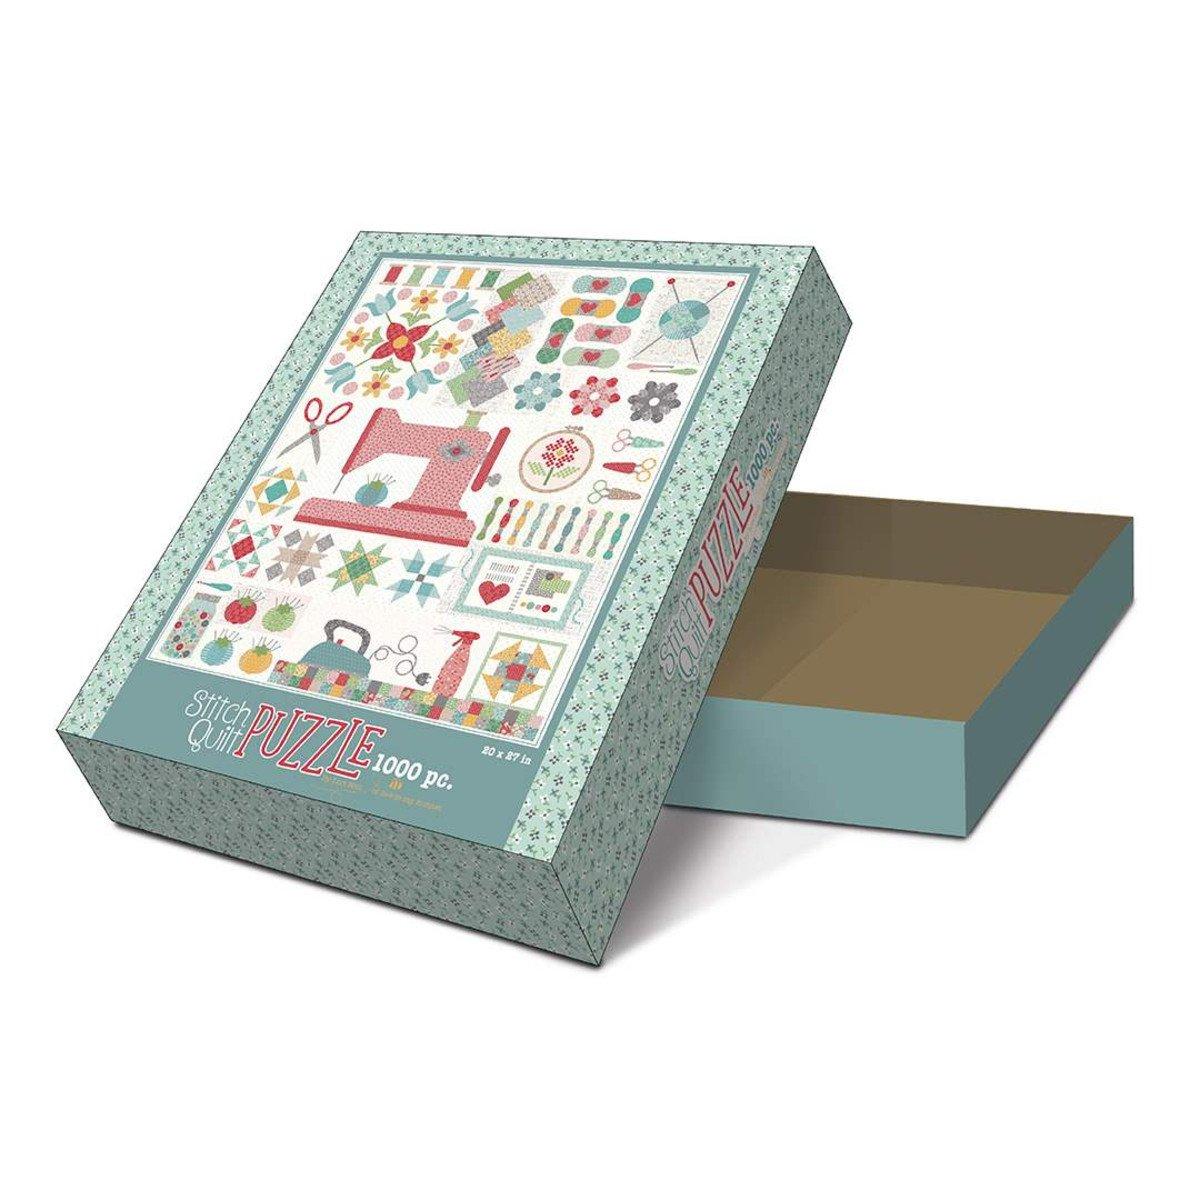 Lori Holt My Happy Place Quilt Puzzle